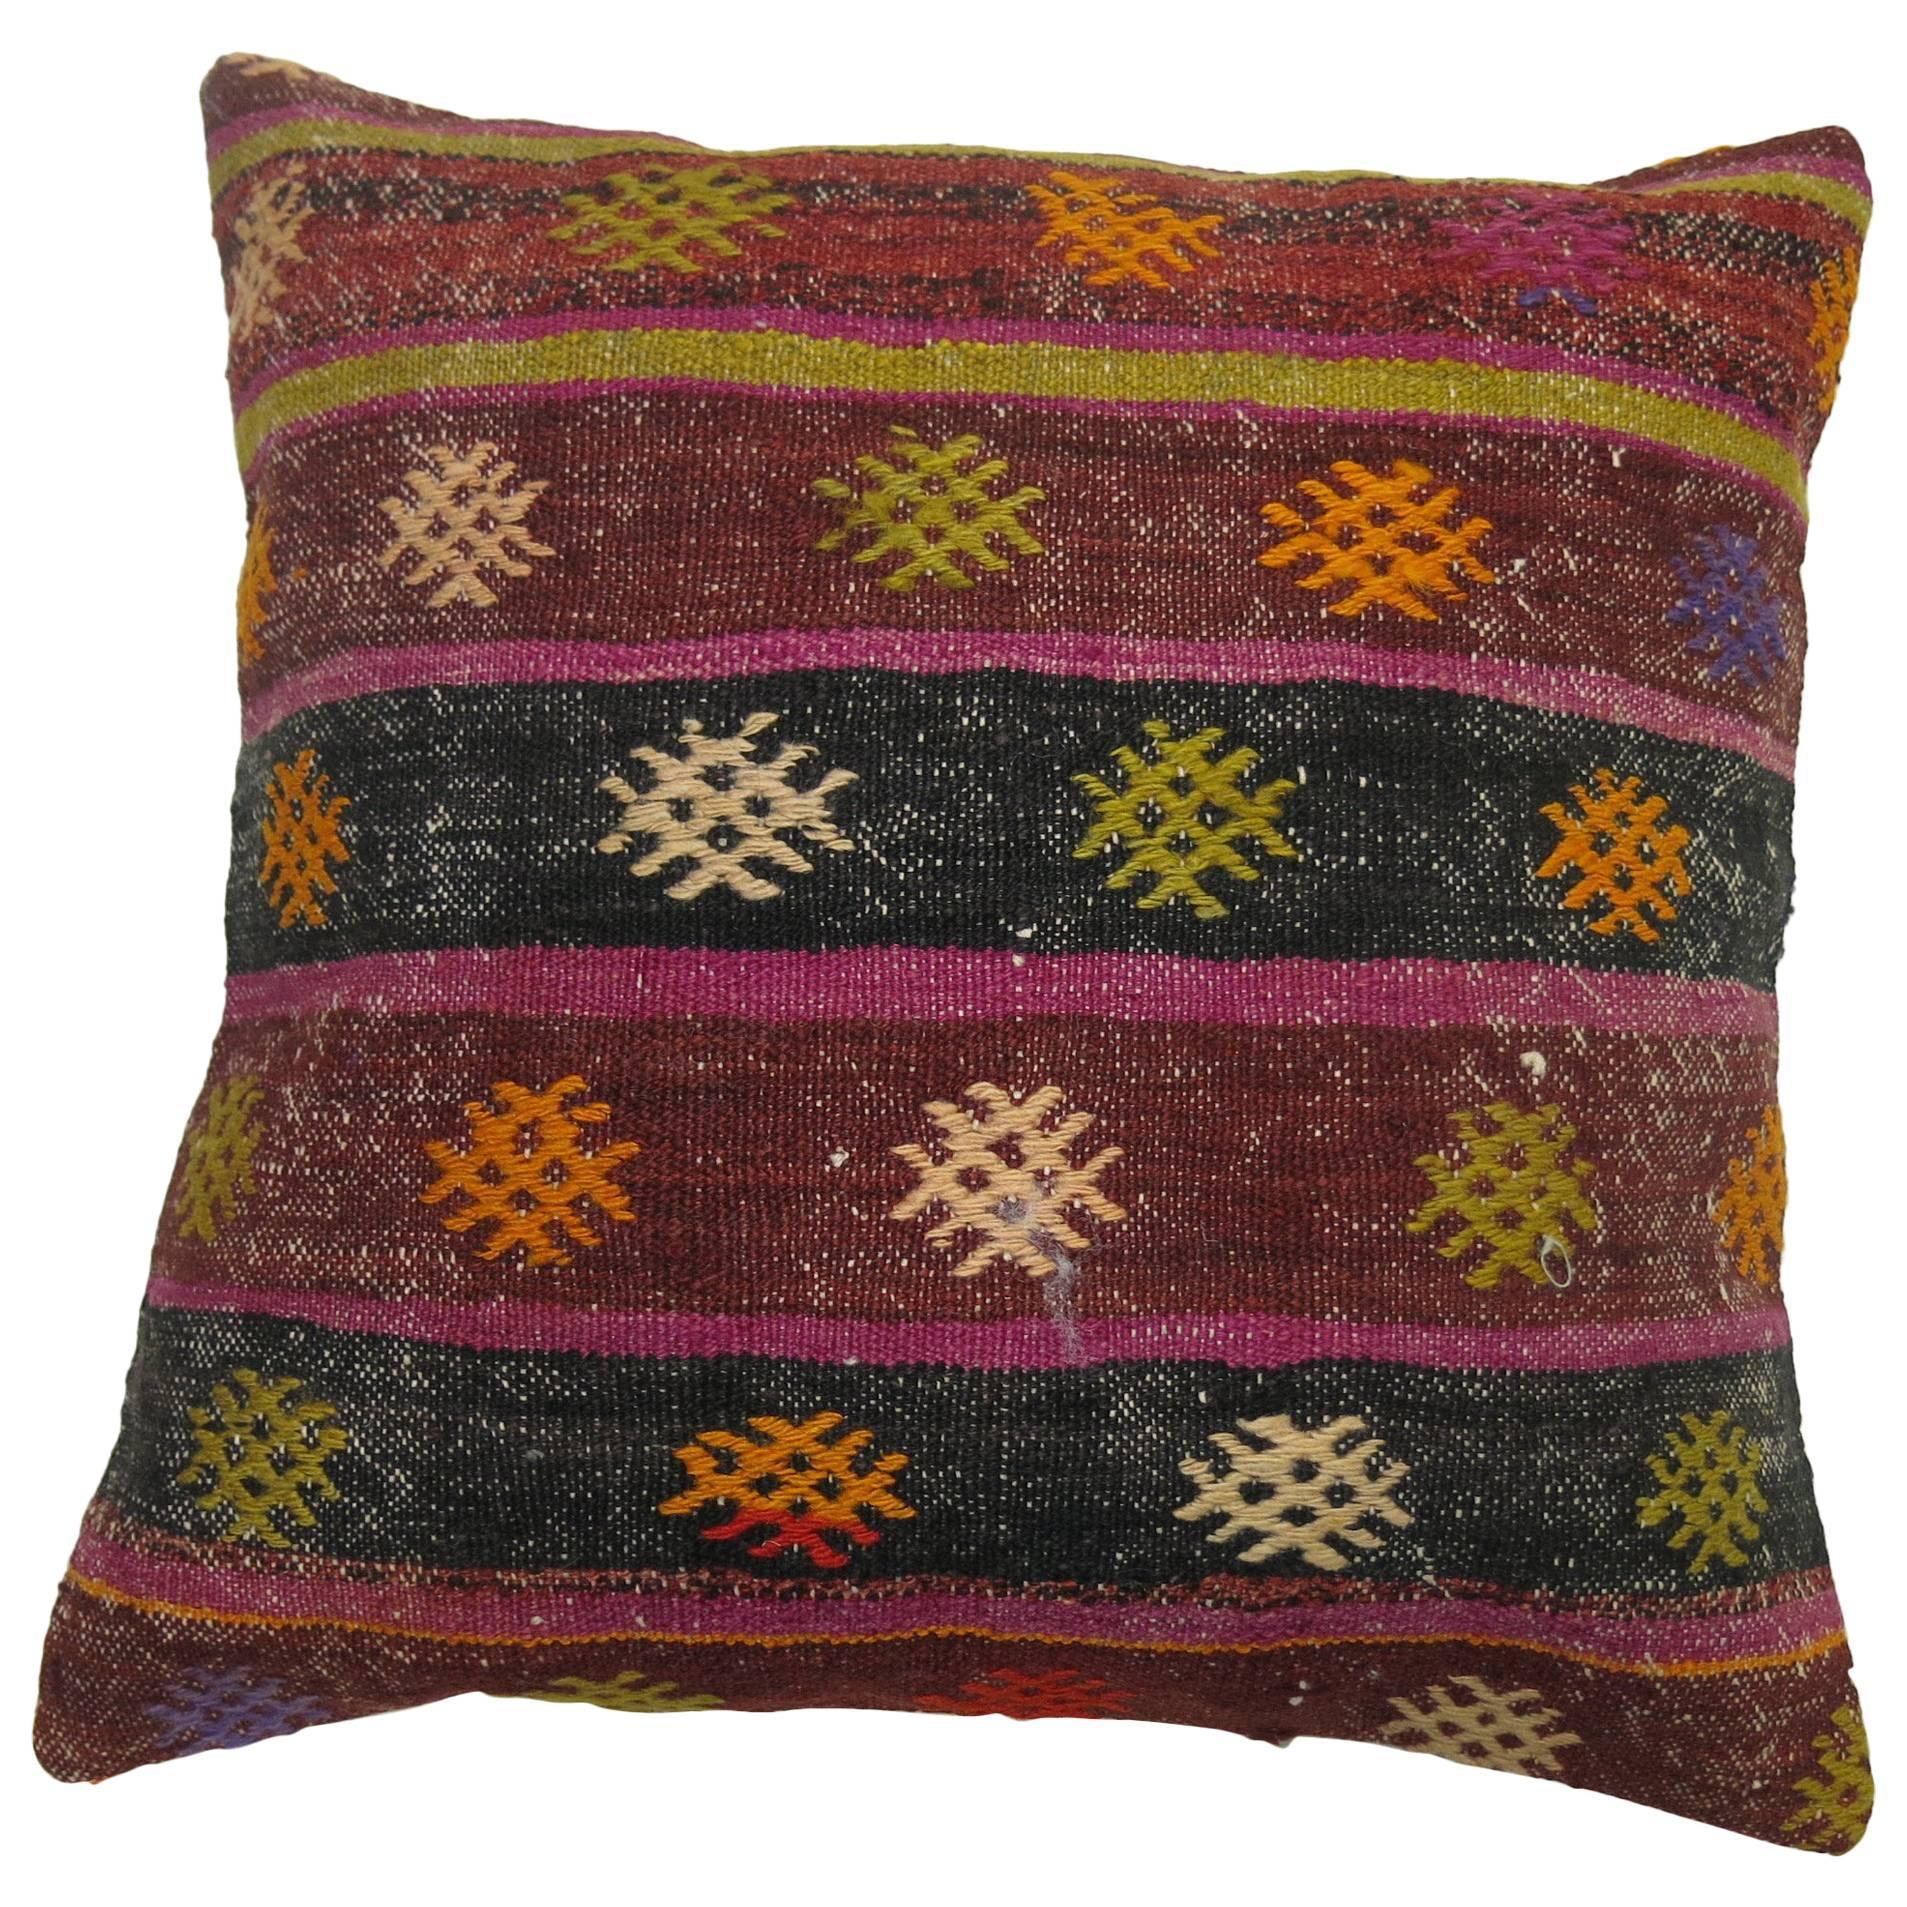 Striped Vintage Kilim Pillow